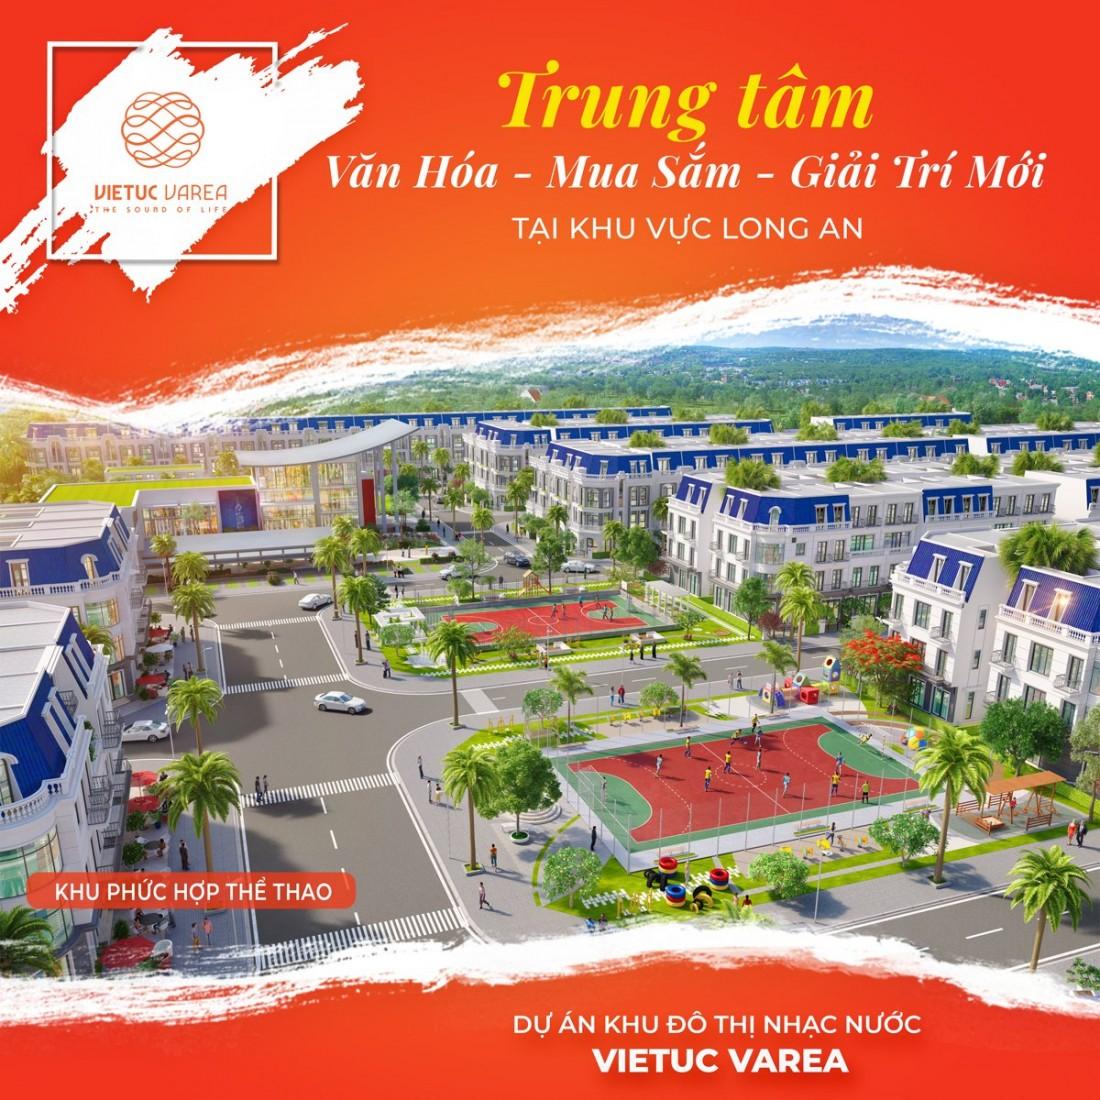 Phối cảnh khu phức hợp thể thao Khu đô thị Nhạc nước Việt Úc Varea